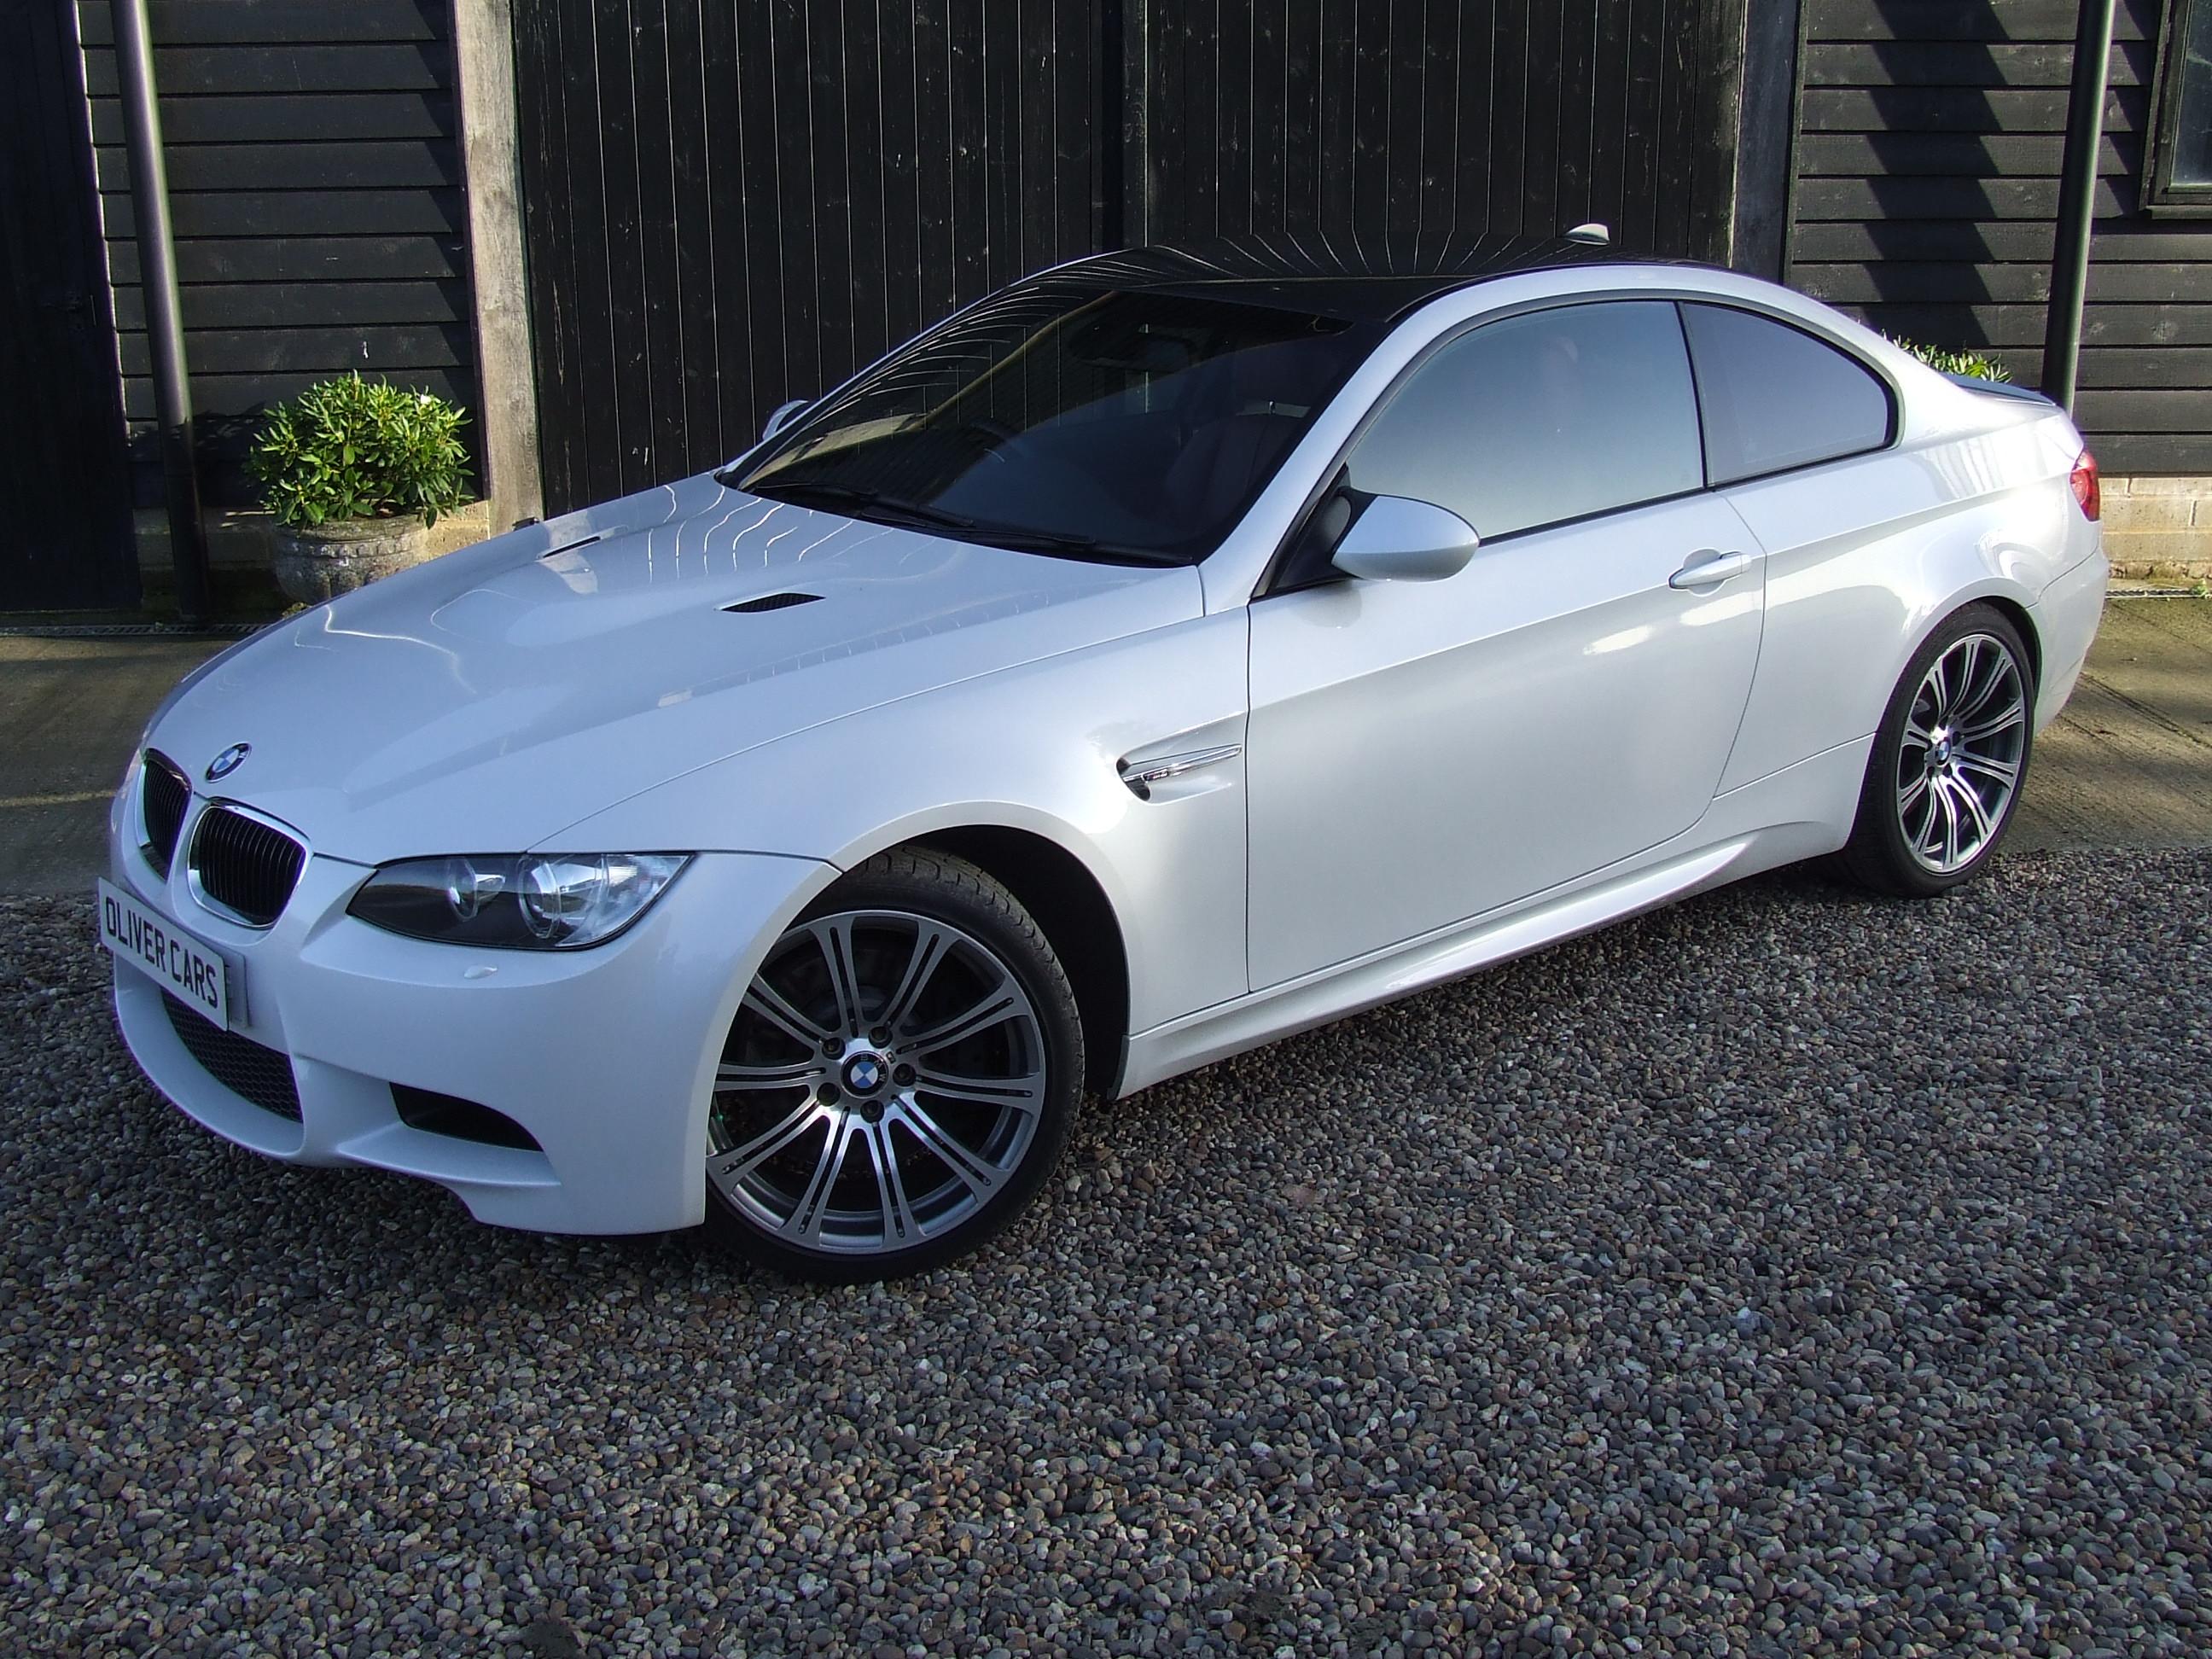 BMW M3 4.0 V8 Coupe DCT - Oliver Cars Ltd